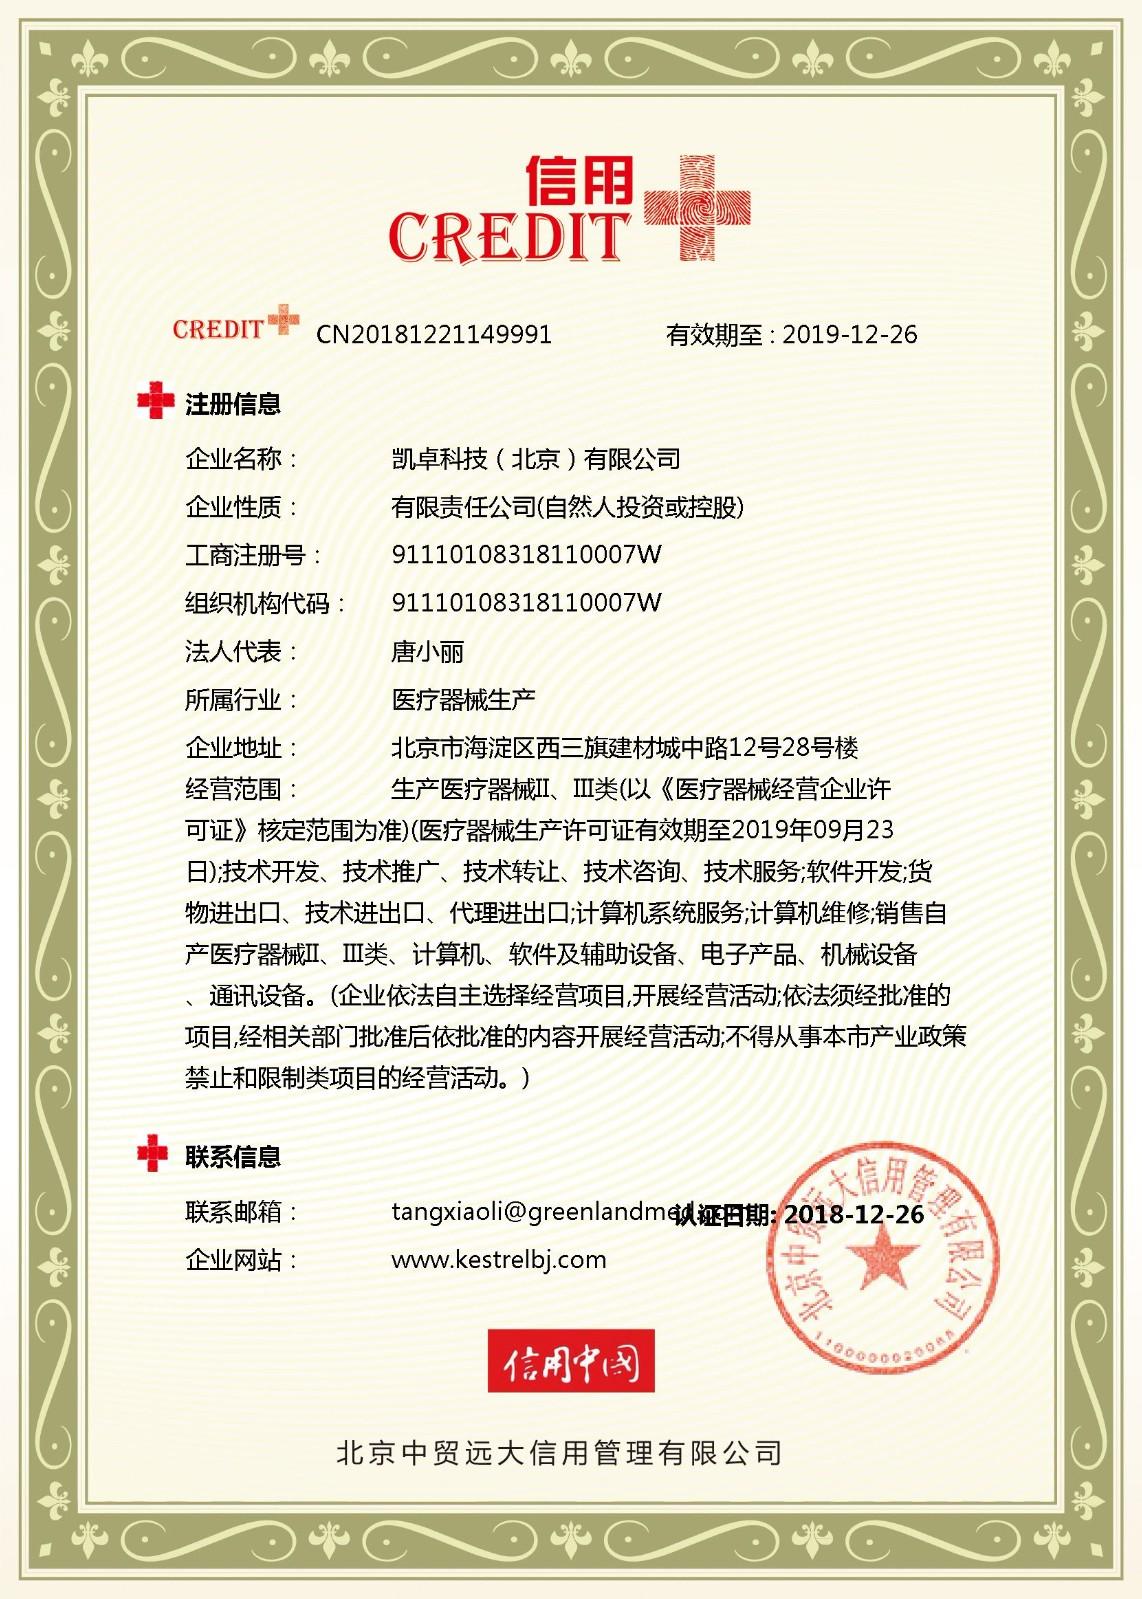 凯卓科技(北京)有限公司.jpg